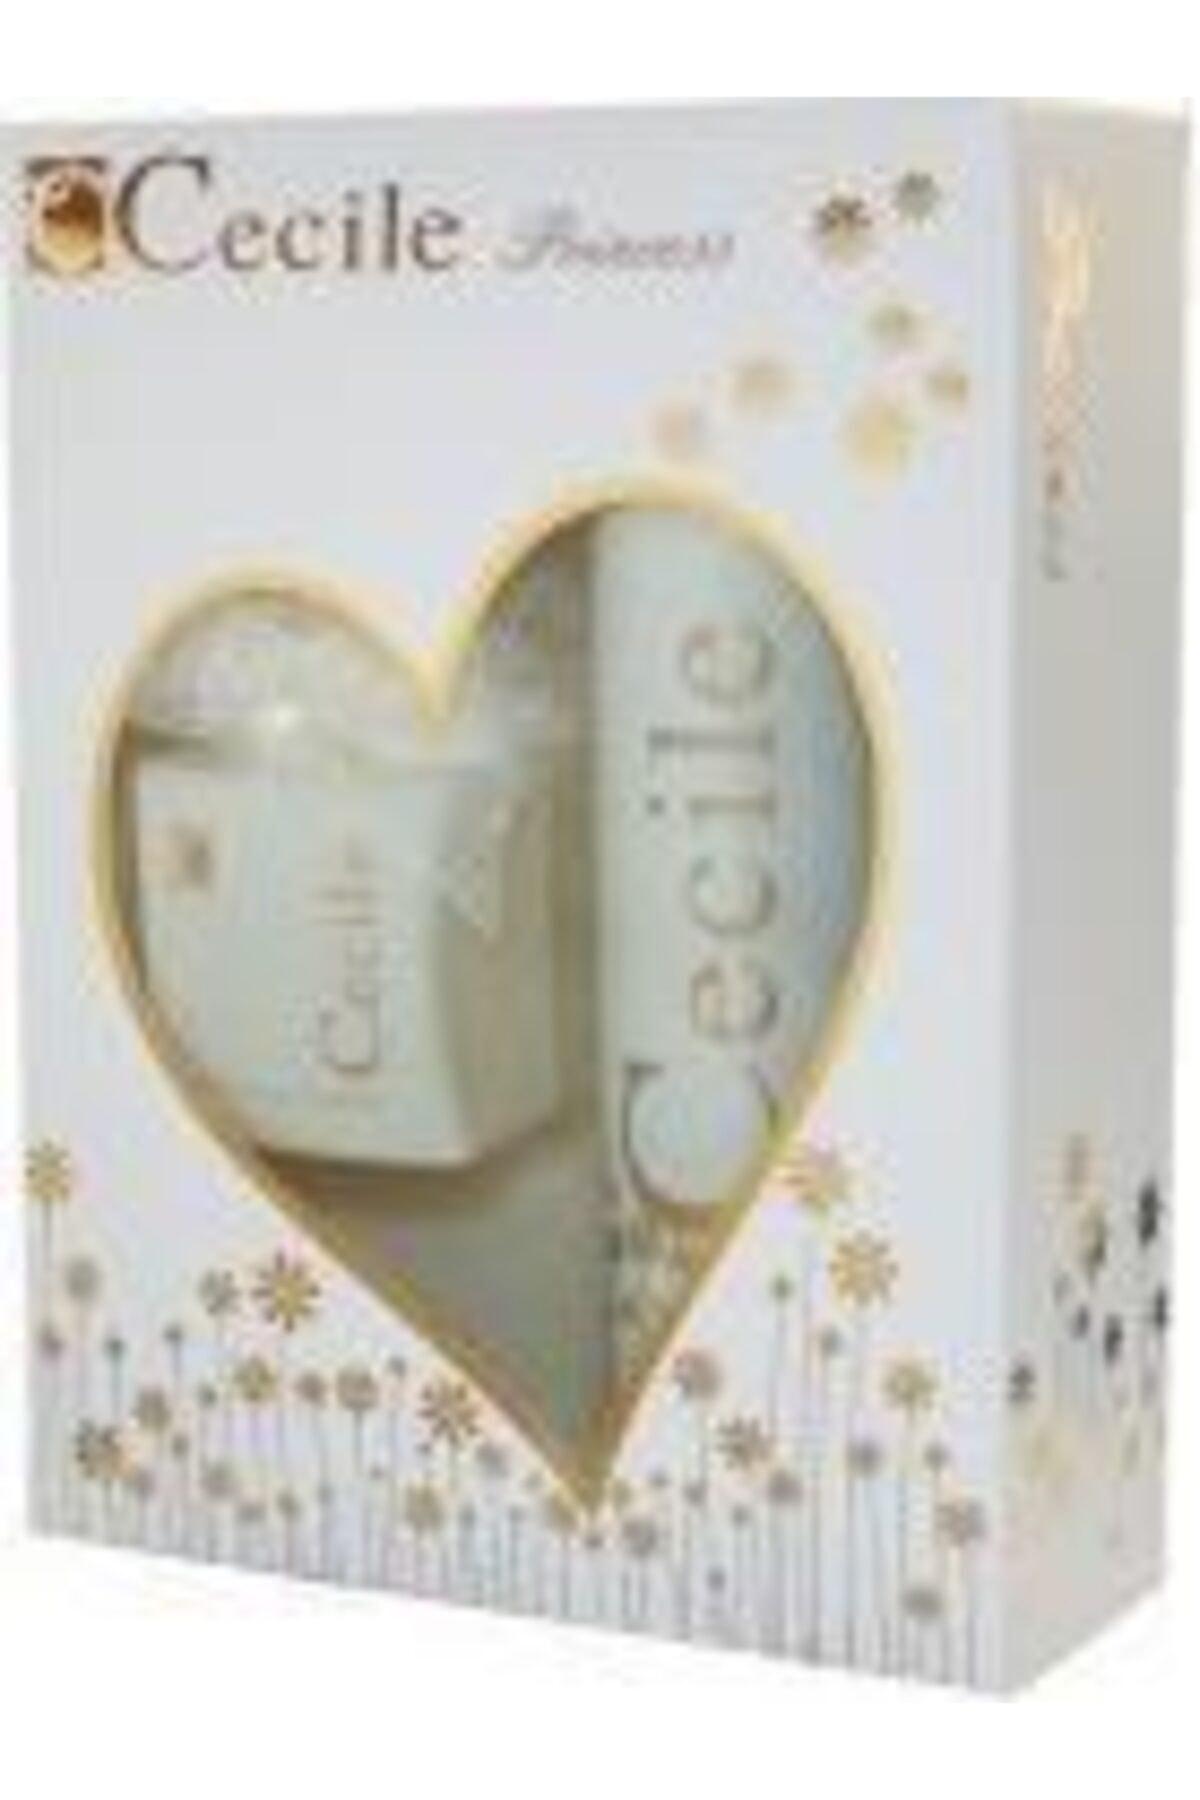 Cecile Princess Edt 100 ml +Deo 150 ml Kadın Parfümü Seti 8698438201322 1